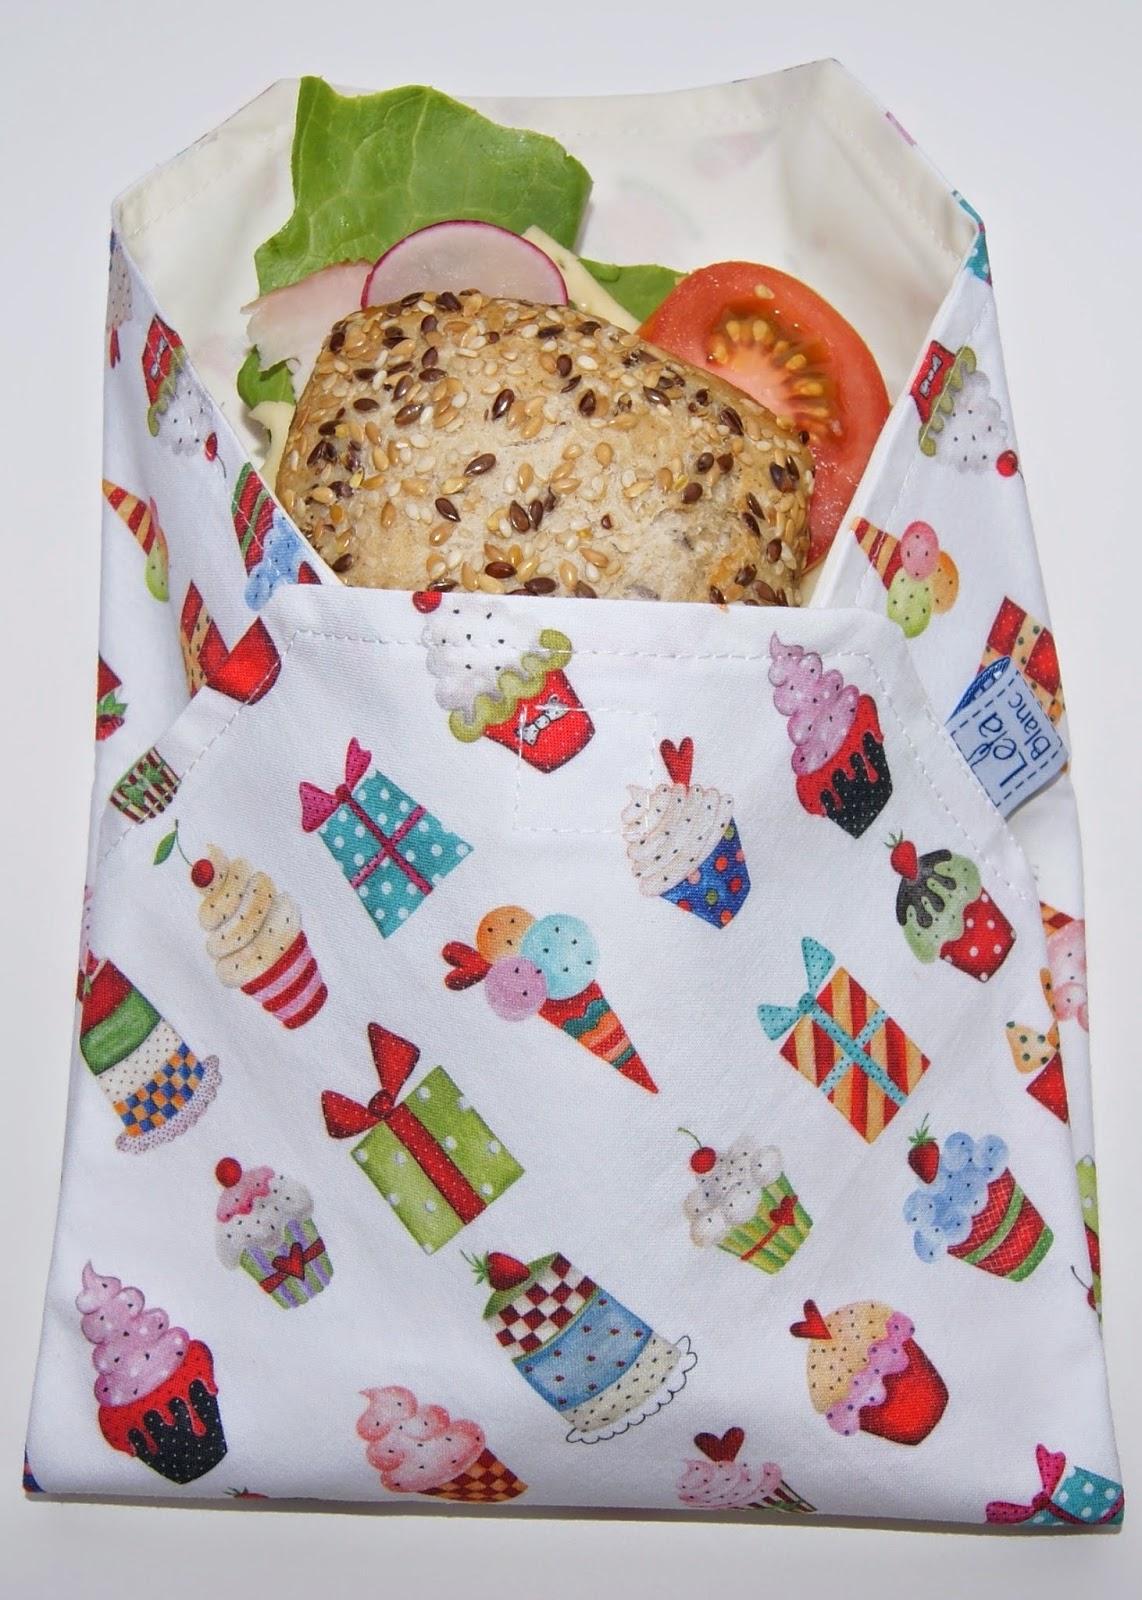 https://www.lelablanc.com/shop/produkty-sklep/poza-domem-enjoy-outside/torebki-kosmetyczki-put-and-go-bags/wrap-sweeties.html